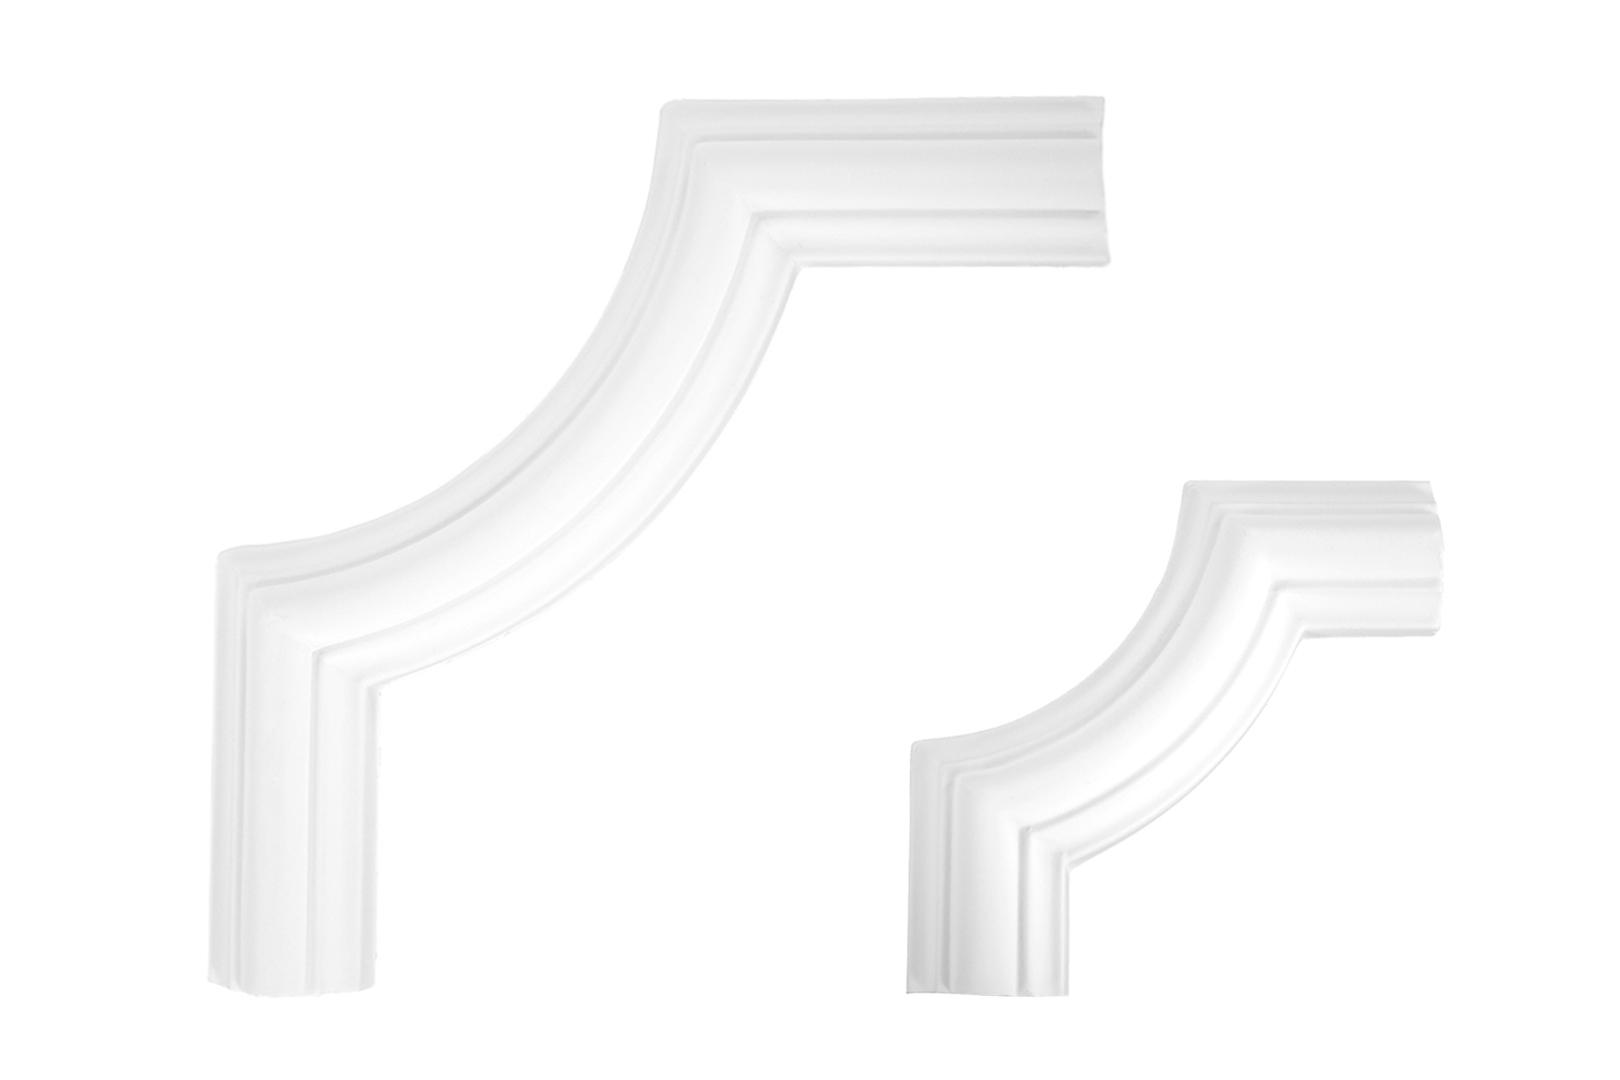 Wand- und Deckenumrandung | Fries | Stuck | PU | stoßfest | CR727/A/B